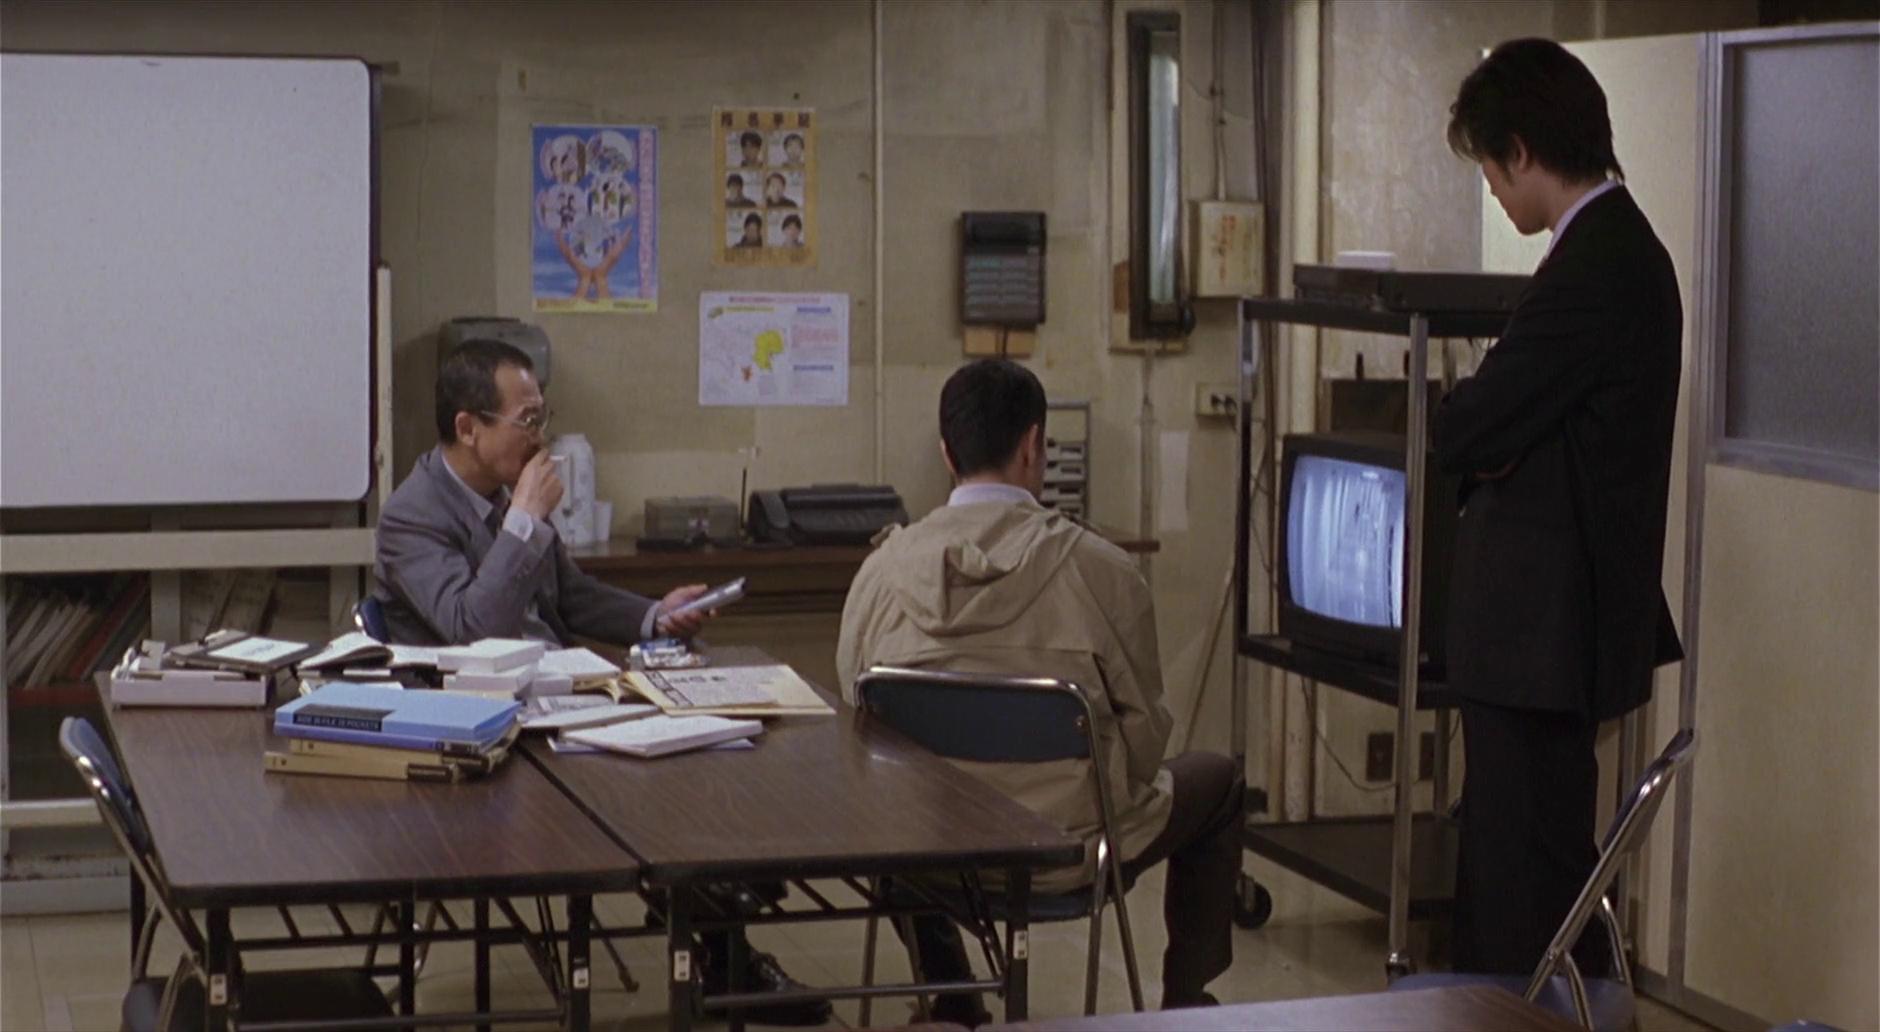 Daisuke Honda, Hirokazu Inoue, and Yoji Tanaka in Ju-on (2002)